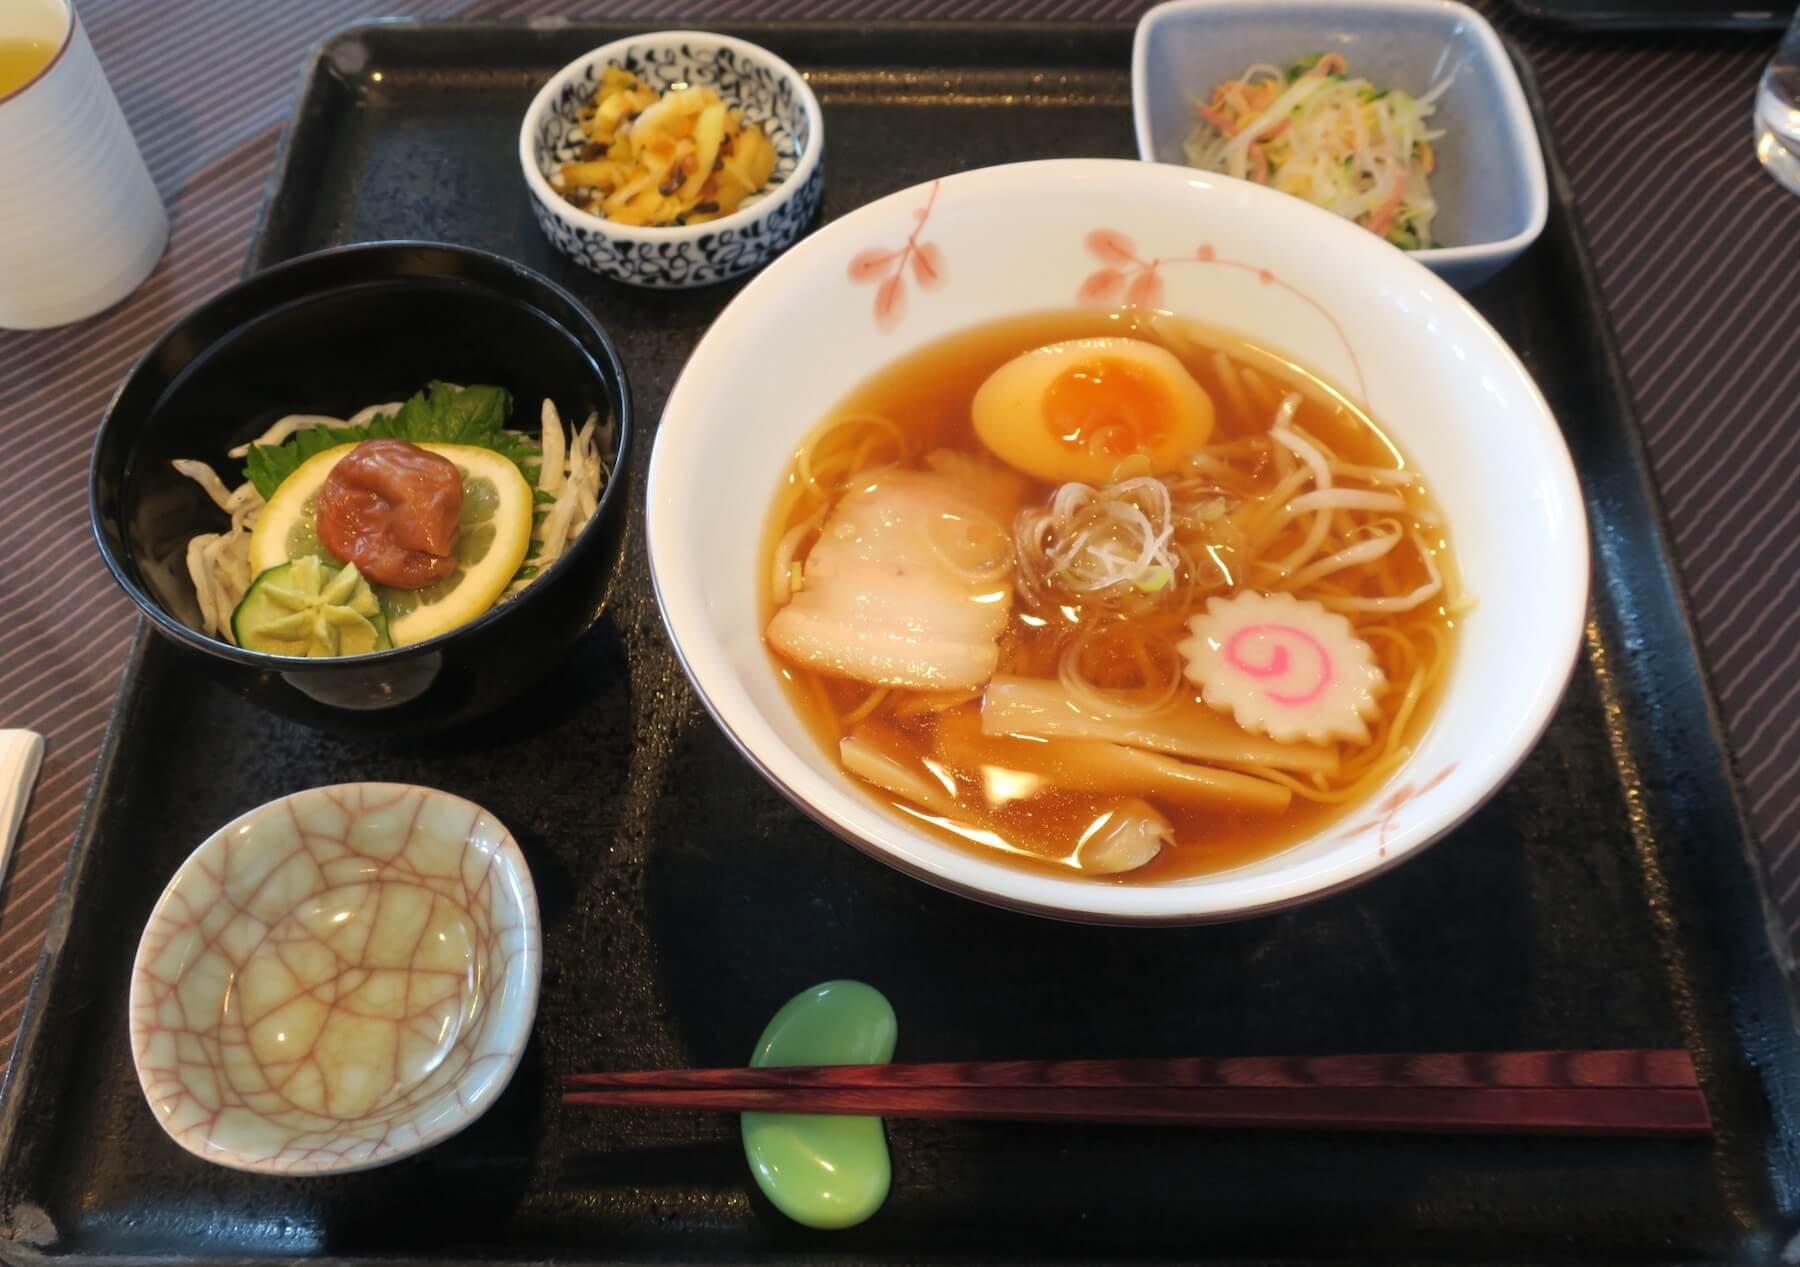 にっぽん丸 昼食03